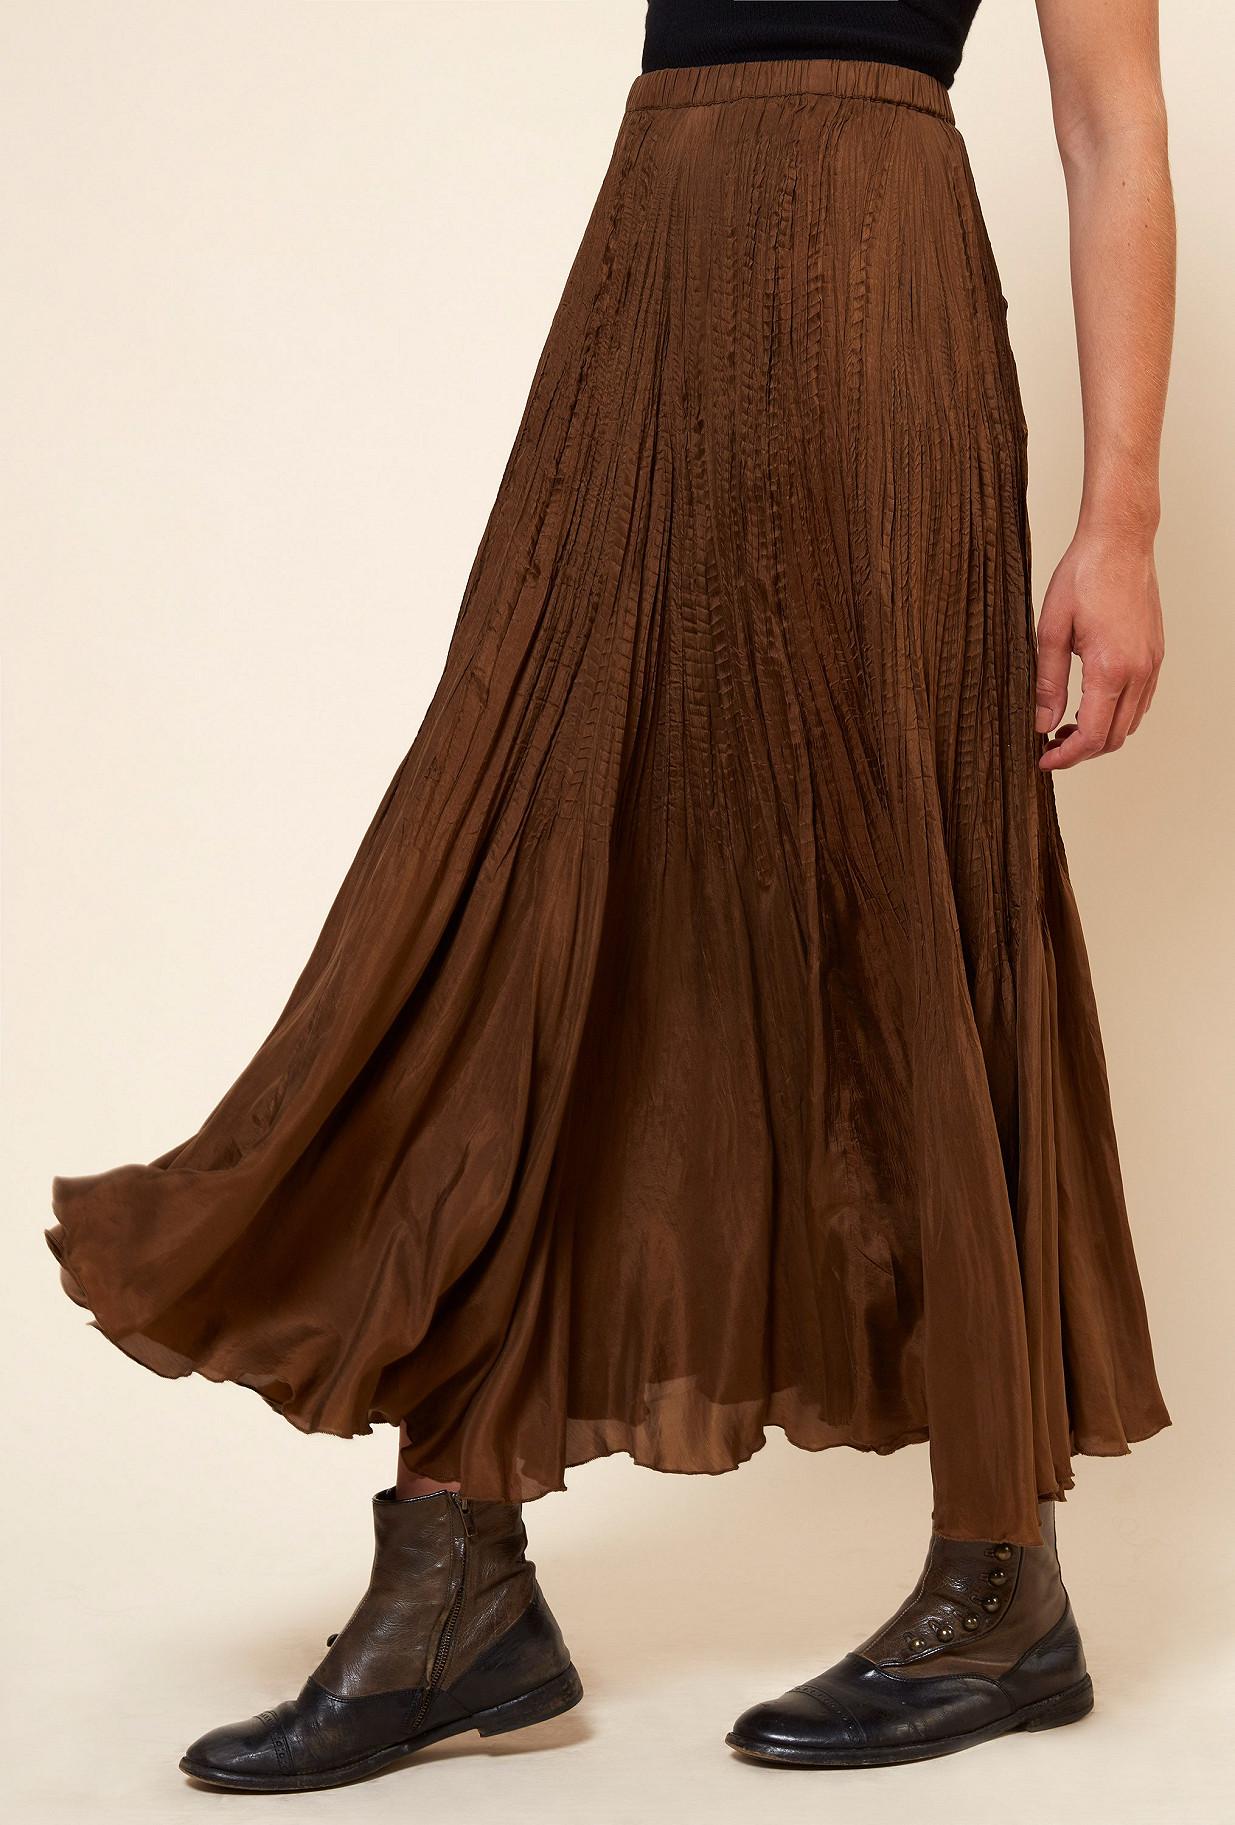 Paris boutique de mode vêtement Jupe créateur bohème  Phedre